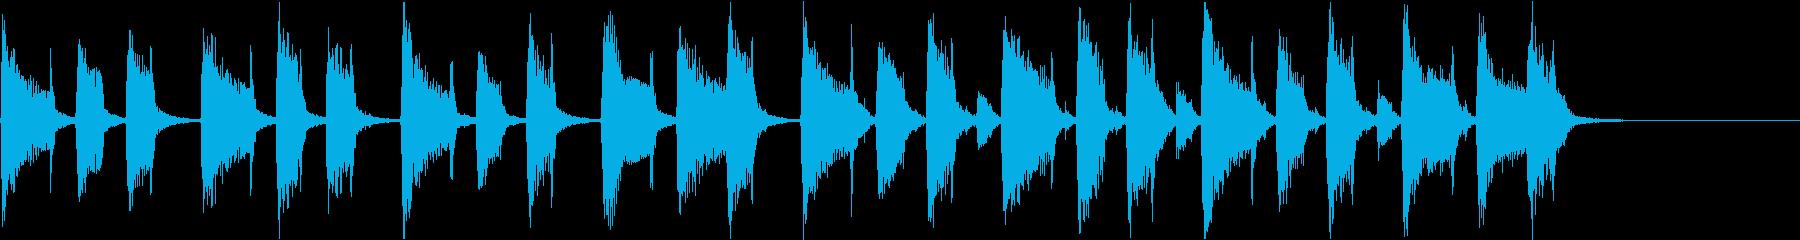 穏やかおしゃれかわいい軽快なボサノバcの再生済みの波形